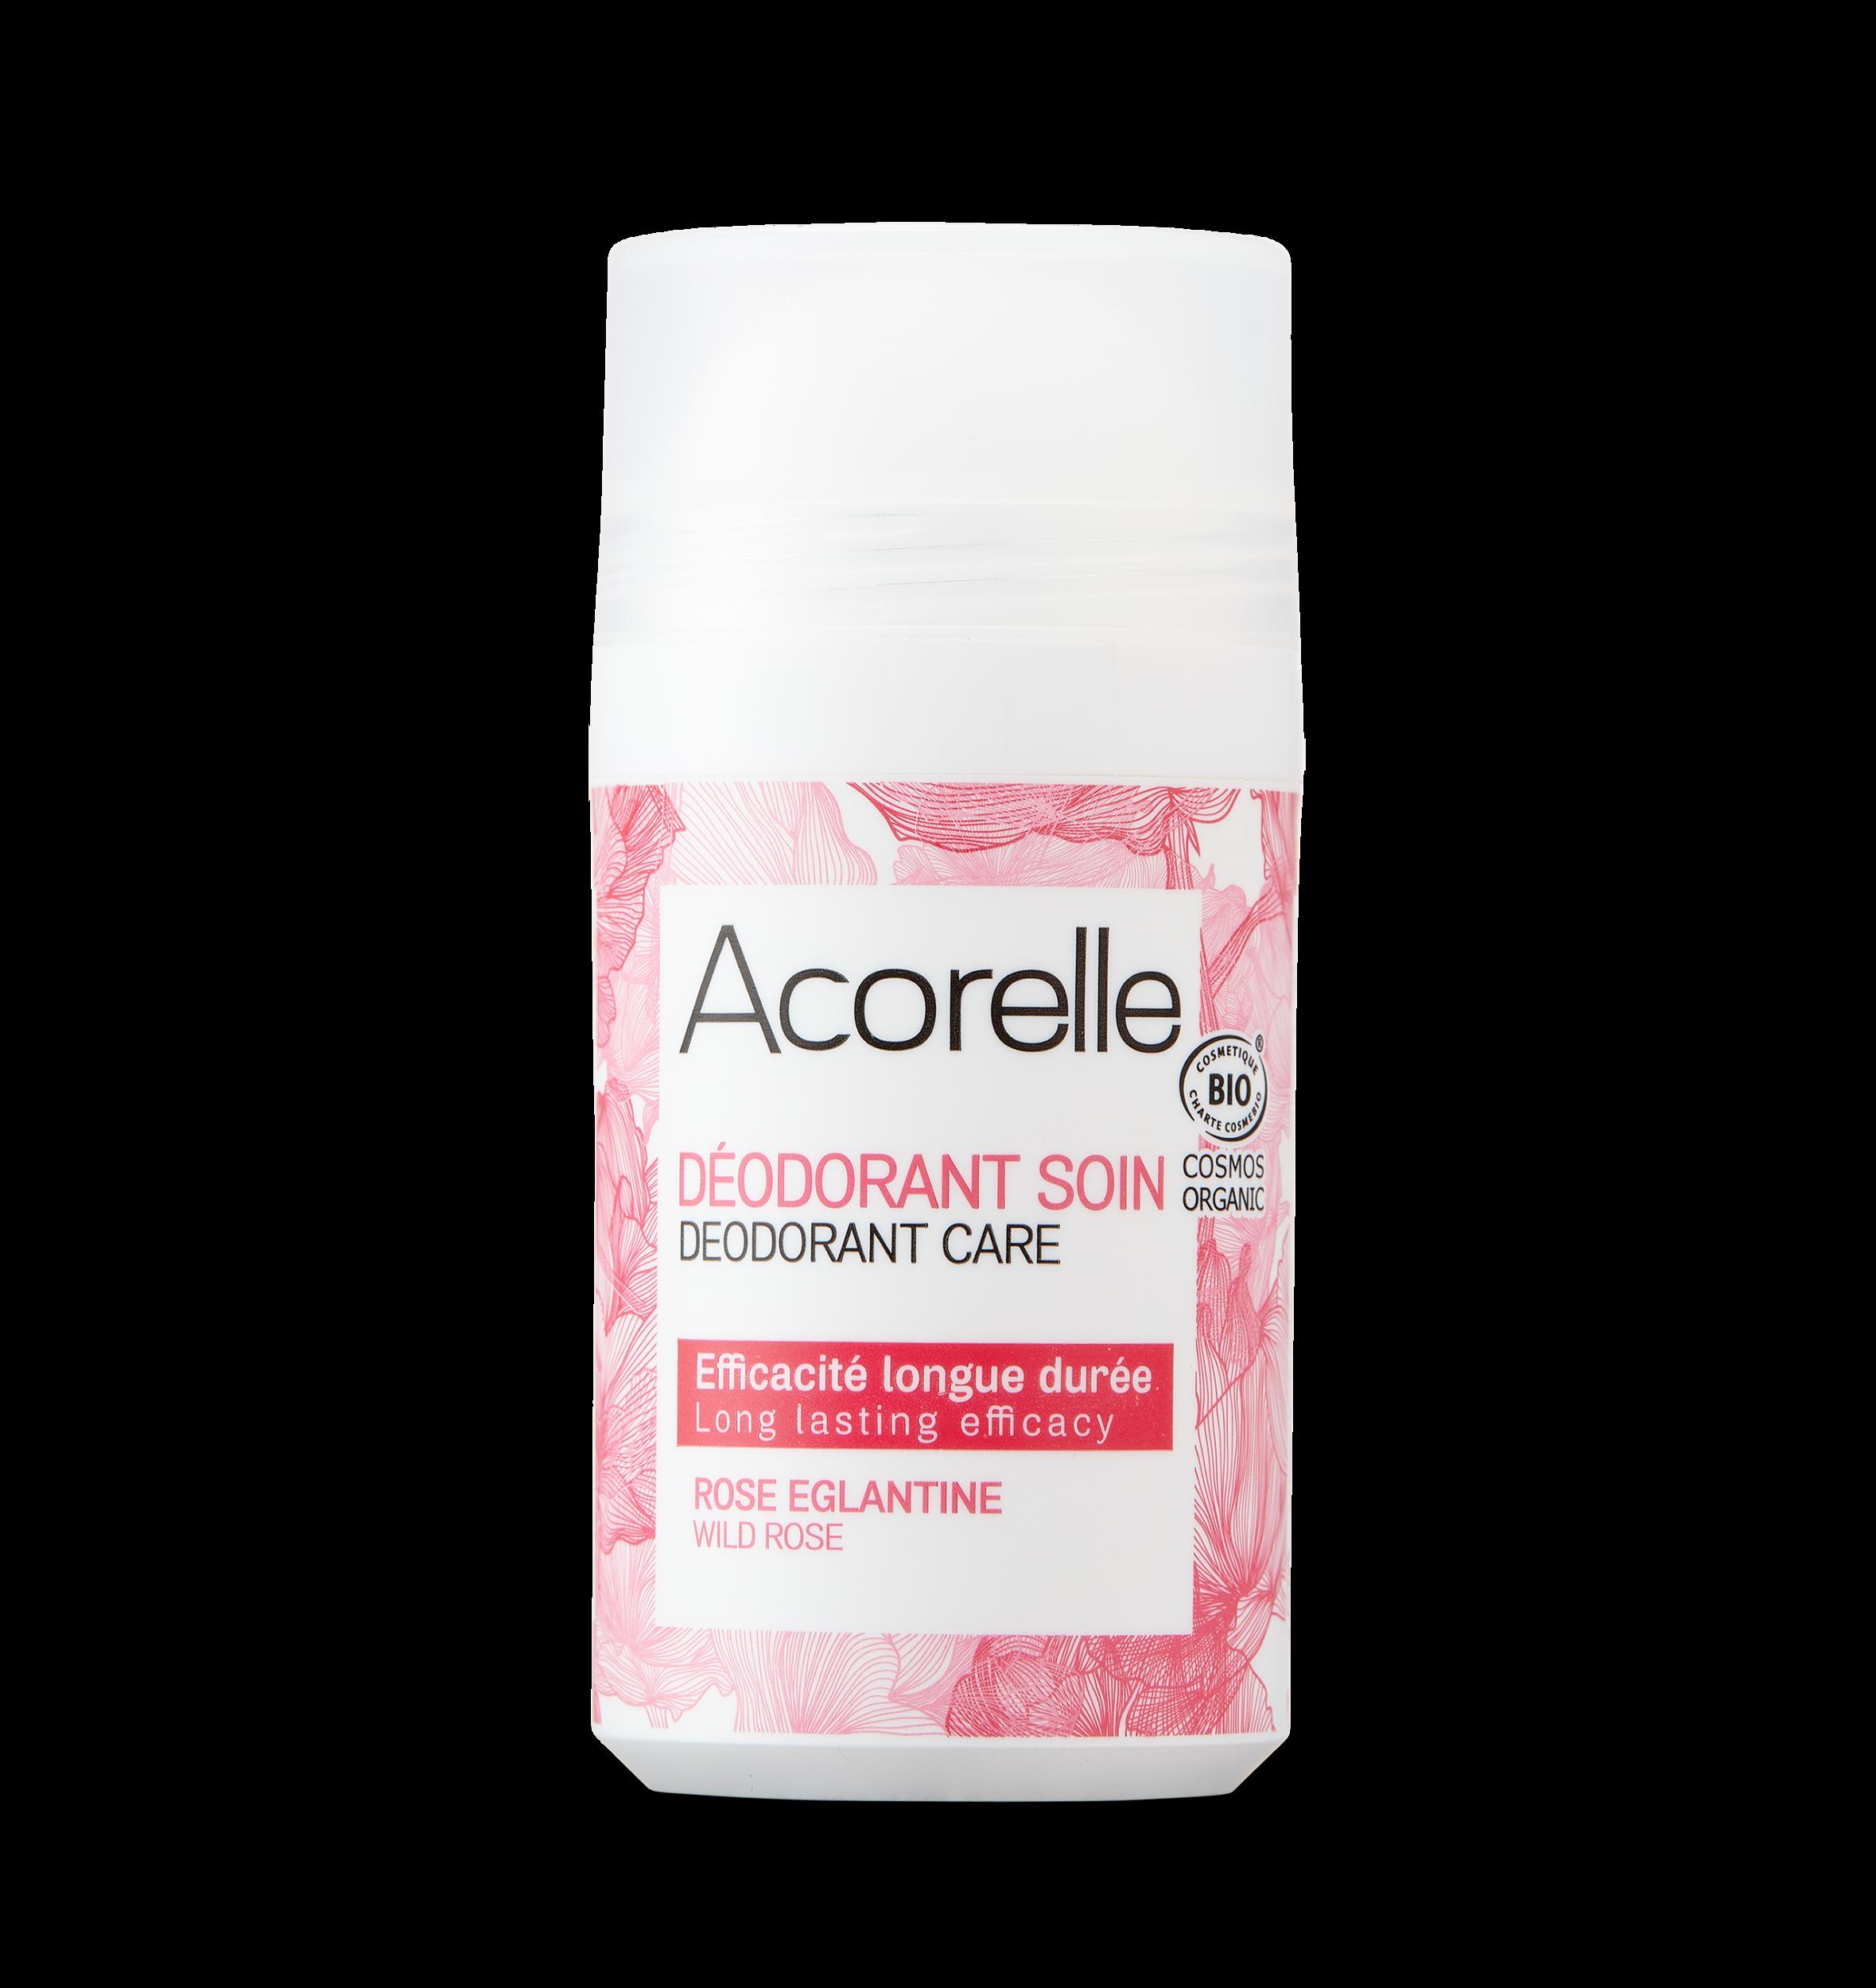 Acorelle-Deodorant-Rose-Eglantine